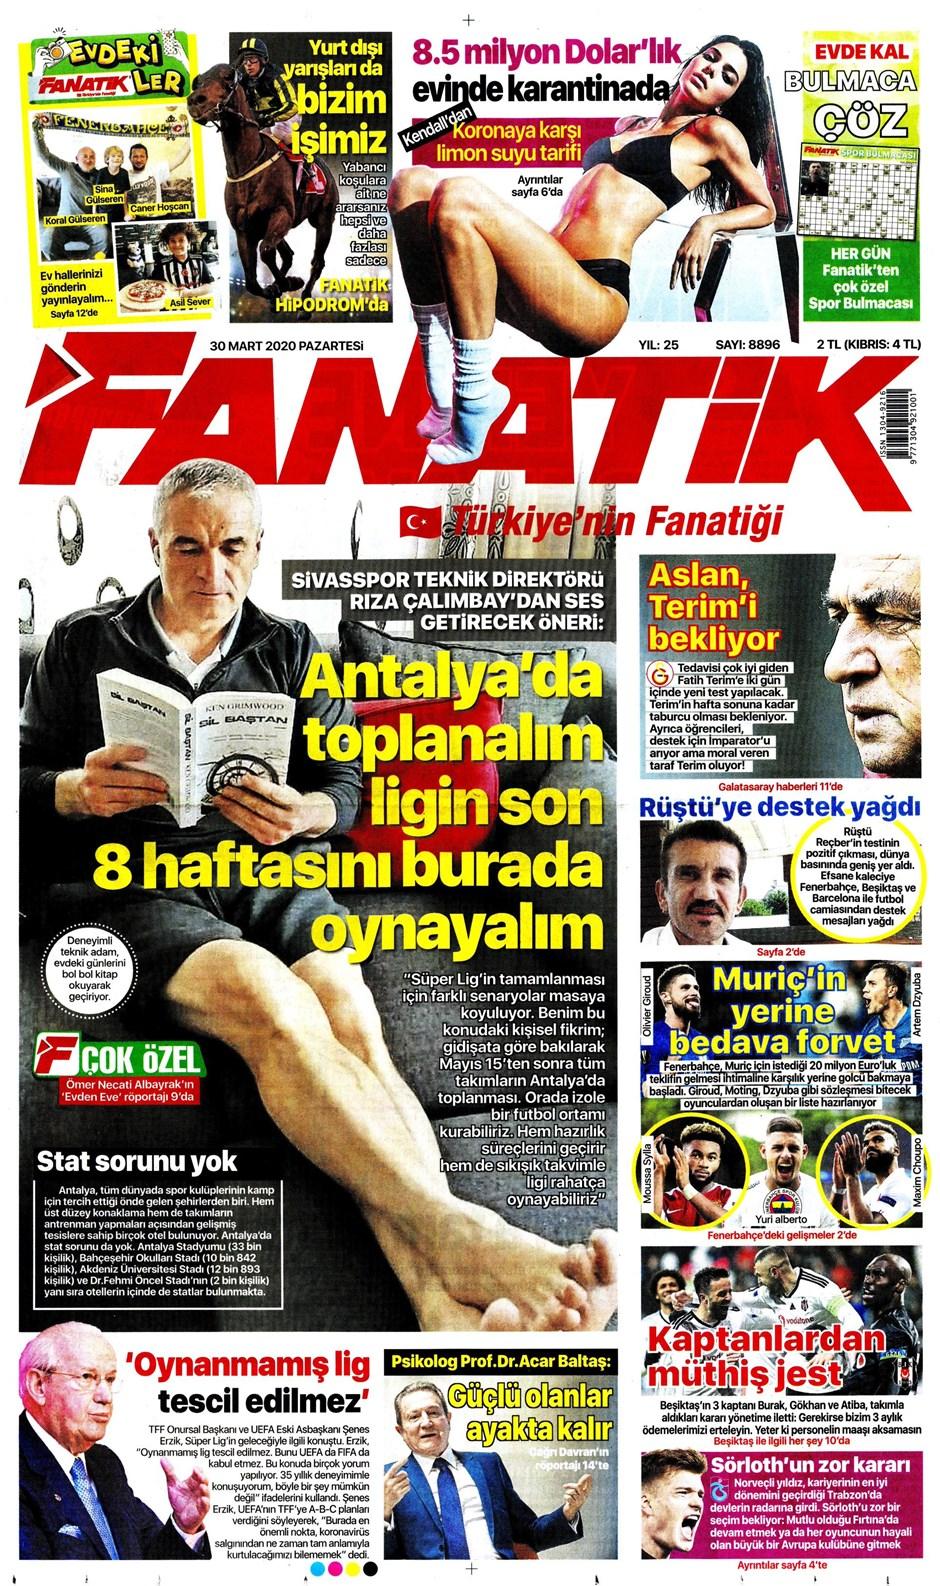 İşte 30 Mart günün spor manşetleri! Haftanın önemli spor gelişmeleri 1